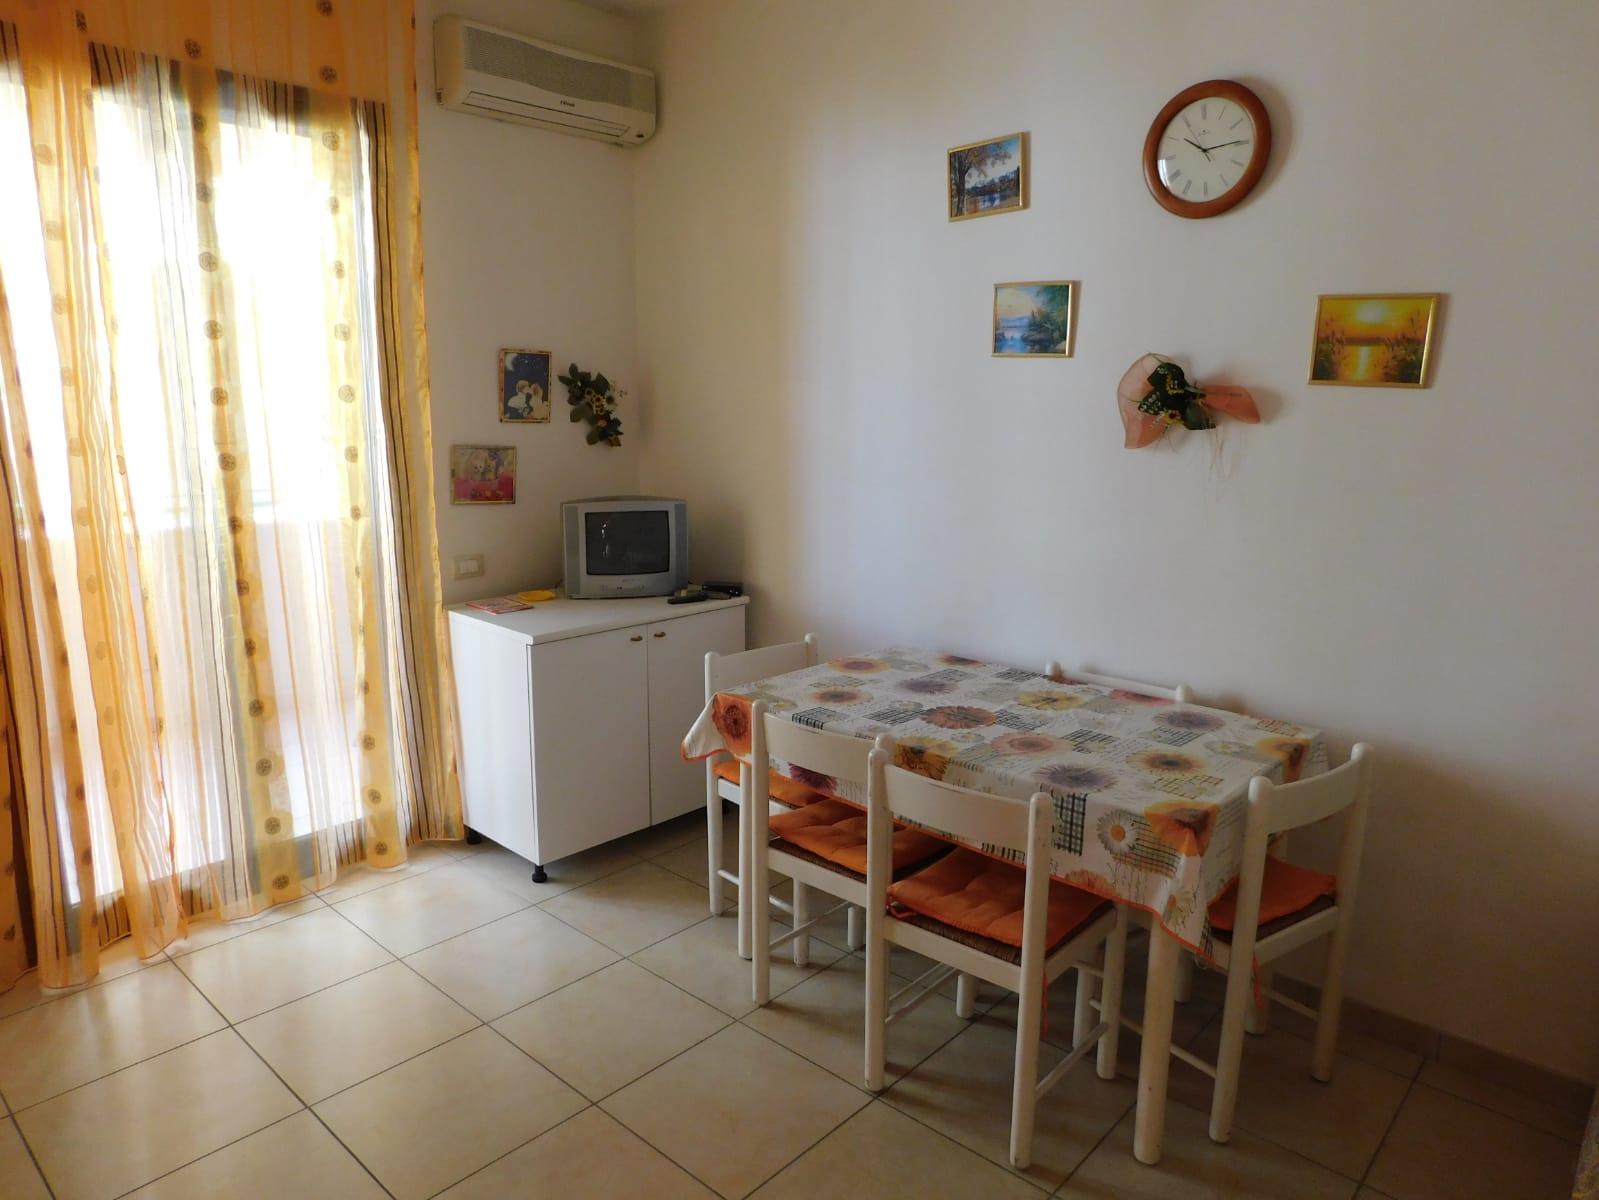 affitto appartamento mare gallipoli 5249 (20190716200710-2019-53916-NDP.jpg)